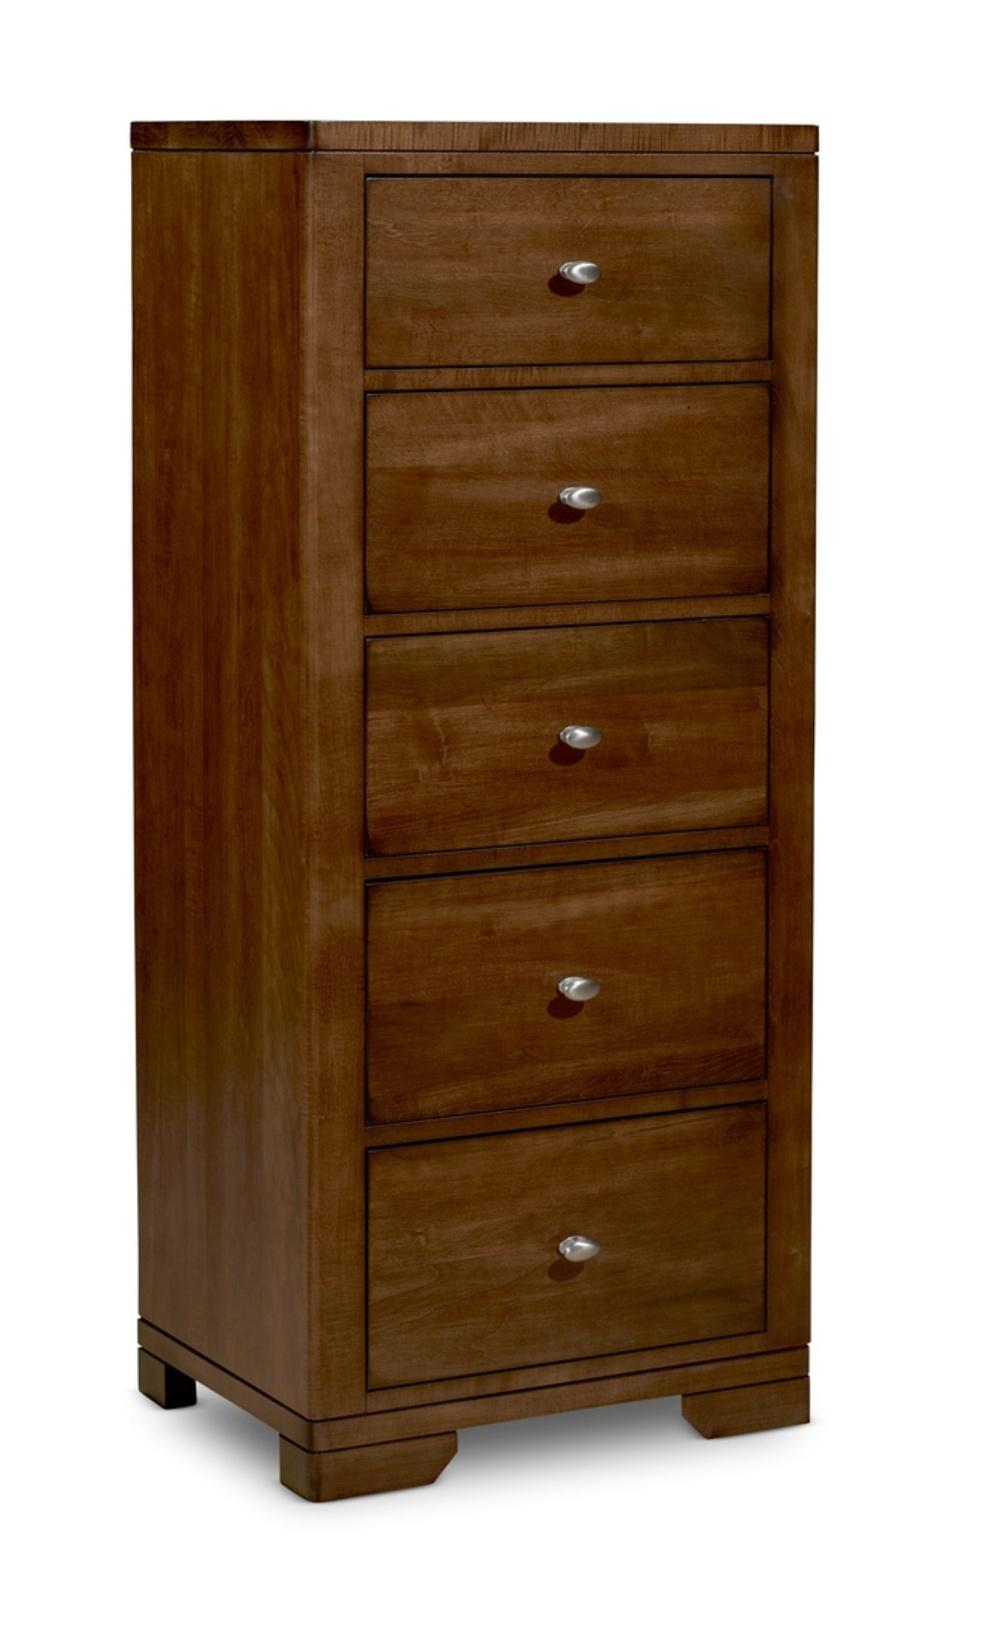 Durham Furniture - Symmetry Pier Chest